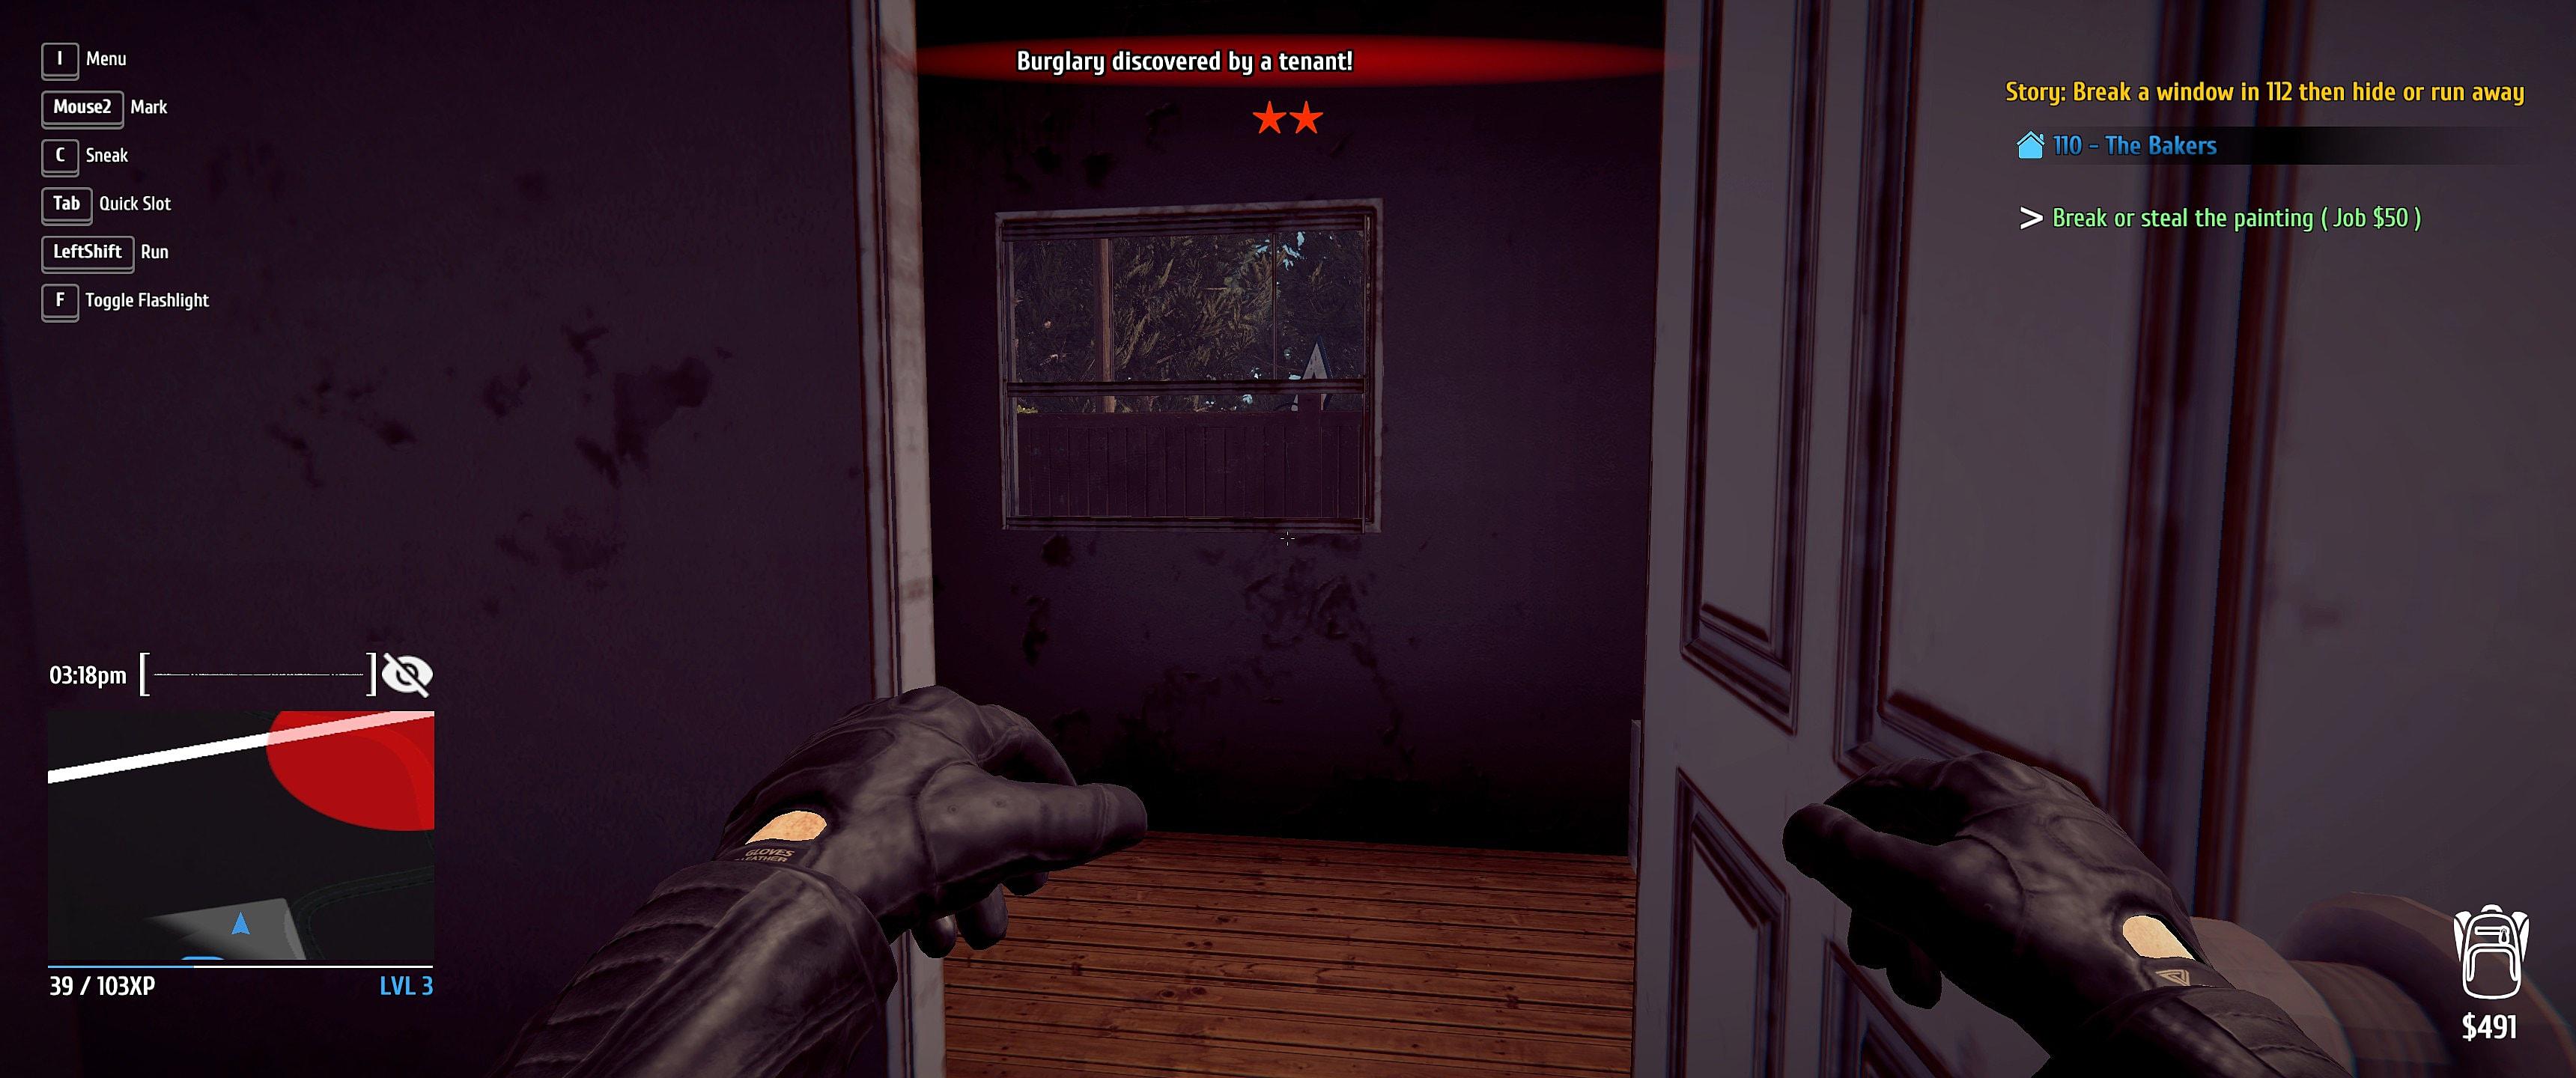 Top Five Thief Simulator Ps4 Gamestop - Circus